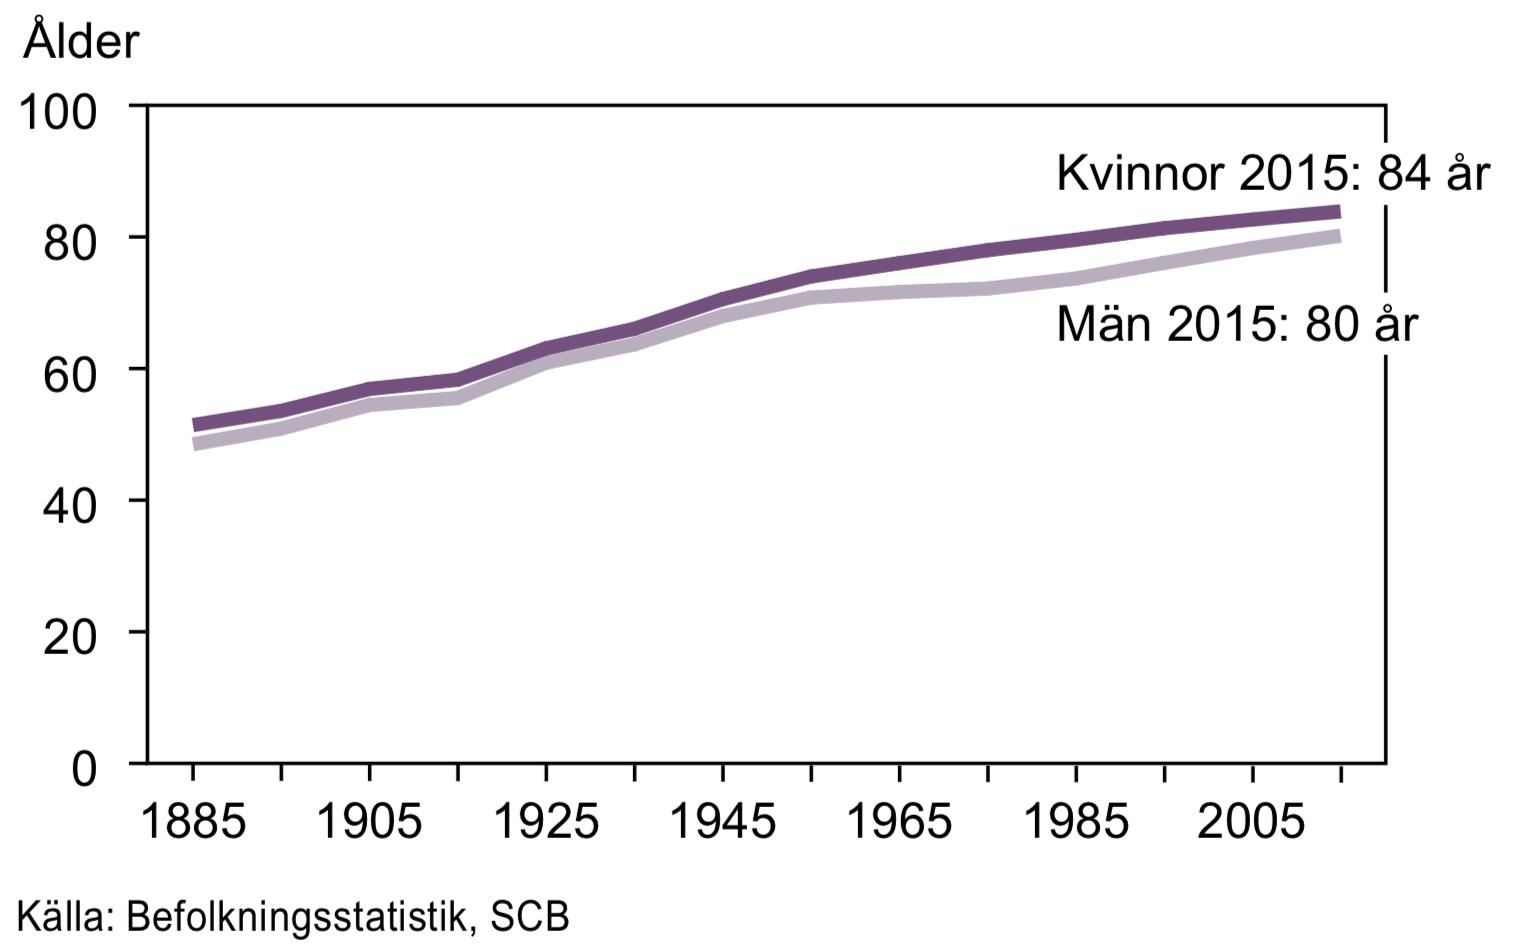 Återstående medellivslängd vid födelsen 1885-2015